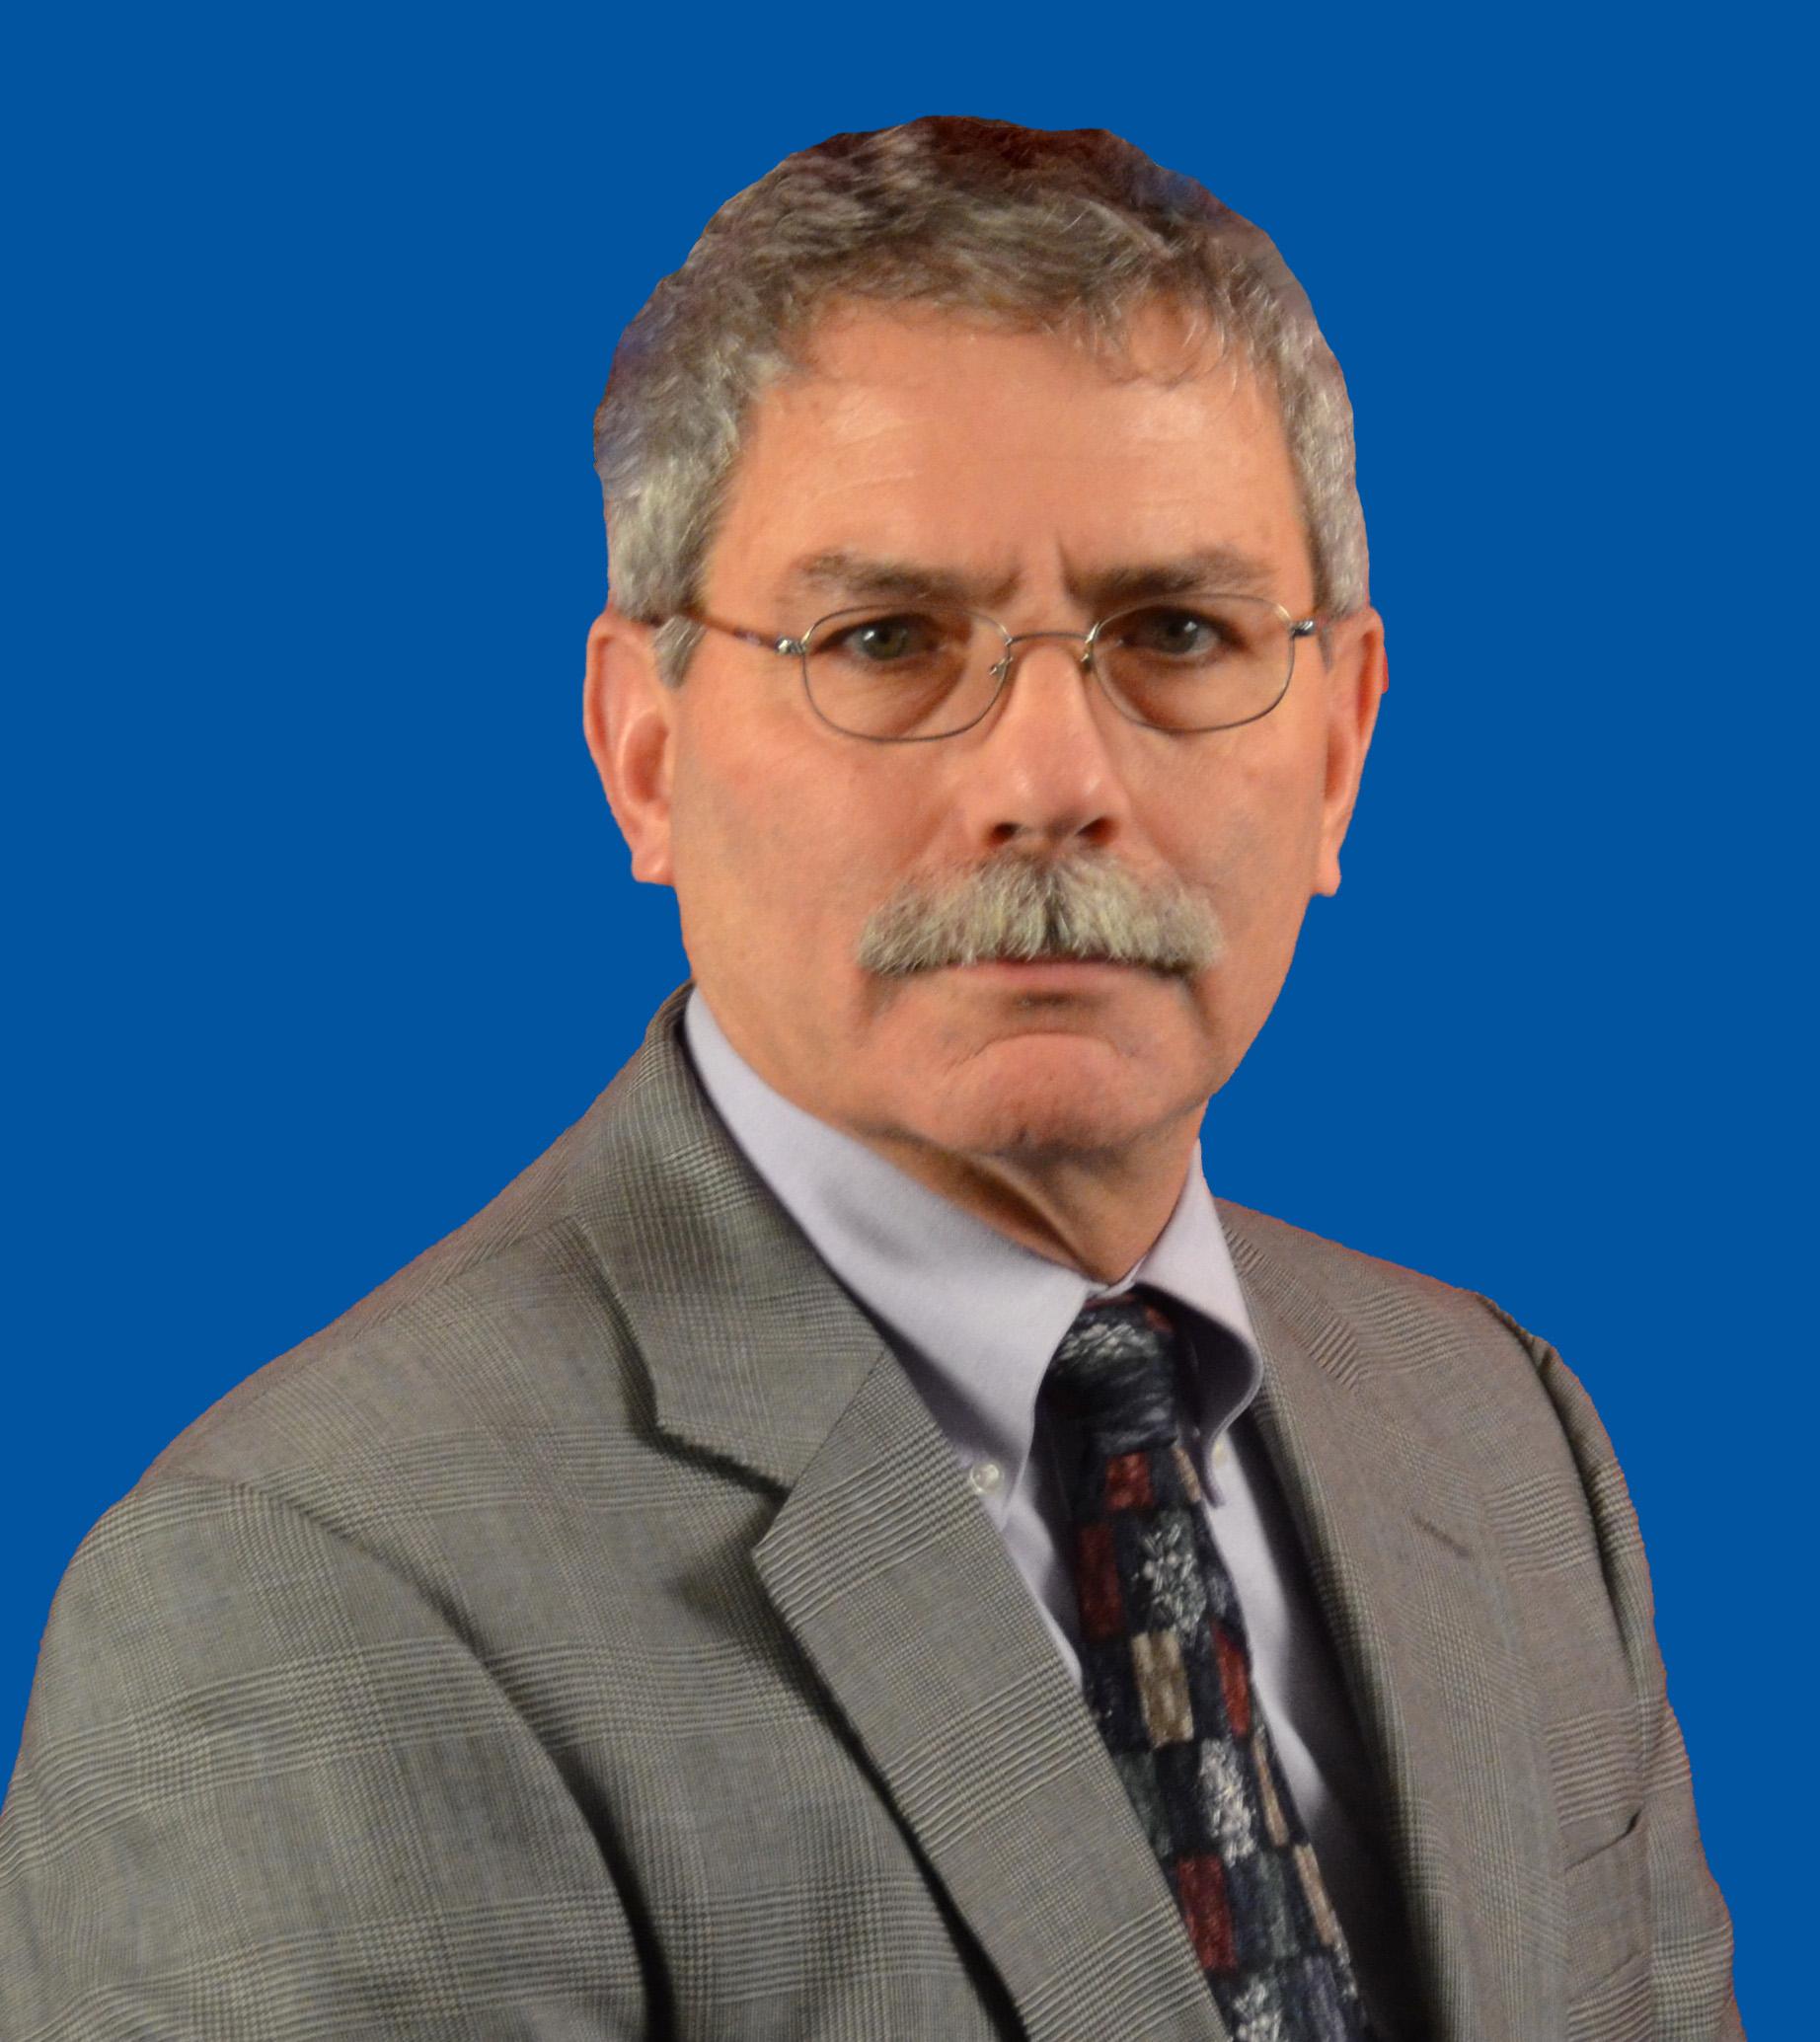 Robert Miller, M.S.M.E., P.E.